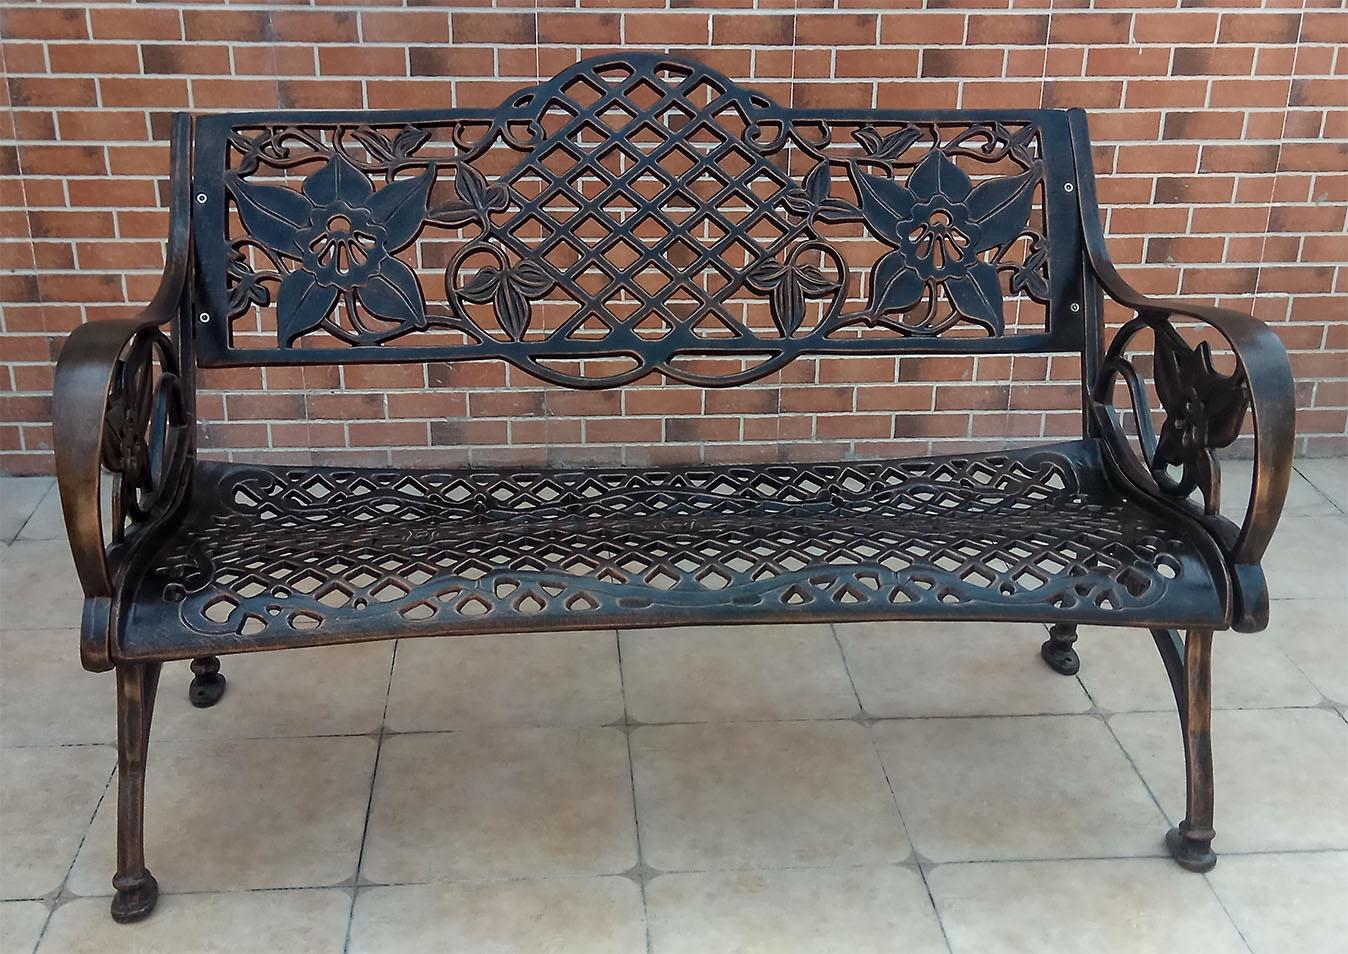 Скамья садовая из алюминиевого литья, лавка металлическая на дачу, чугунная мебель и мебель из литого алюминия, парковая скамья